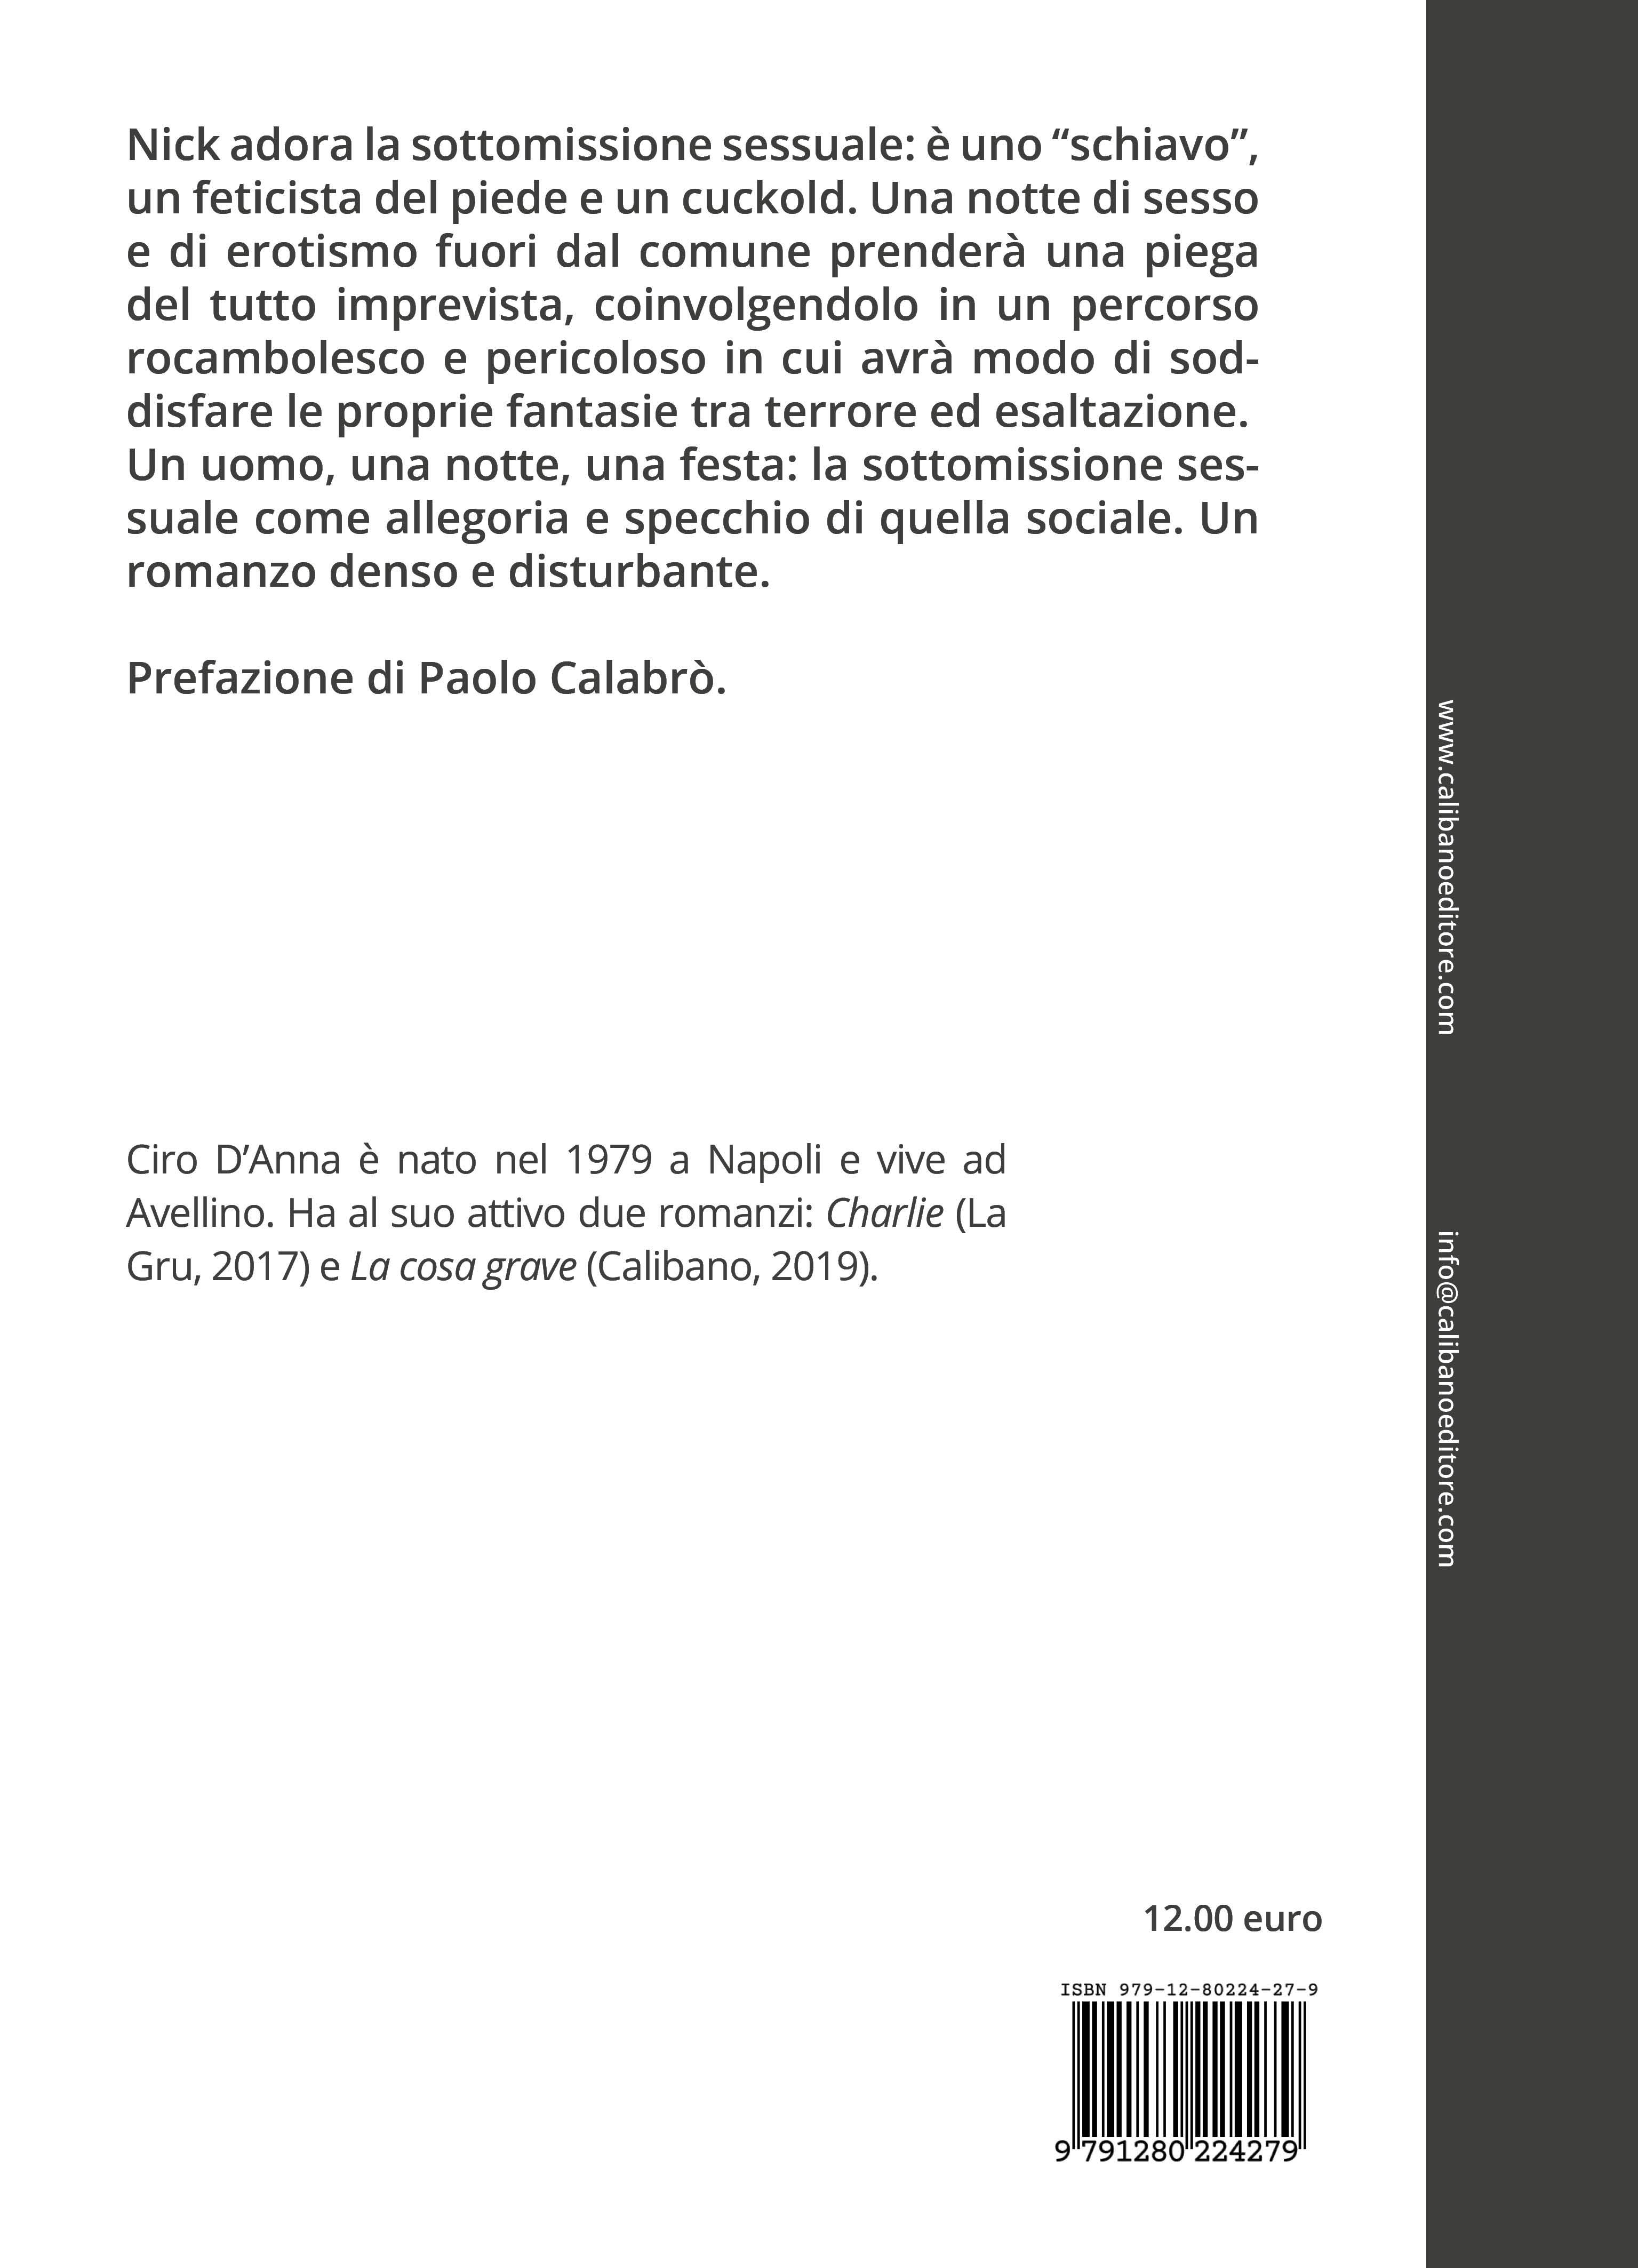 La festa-image-2%>